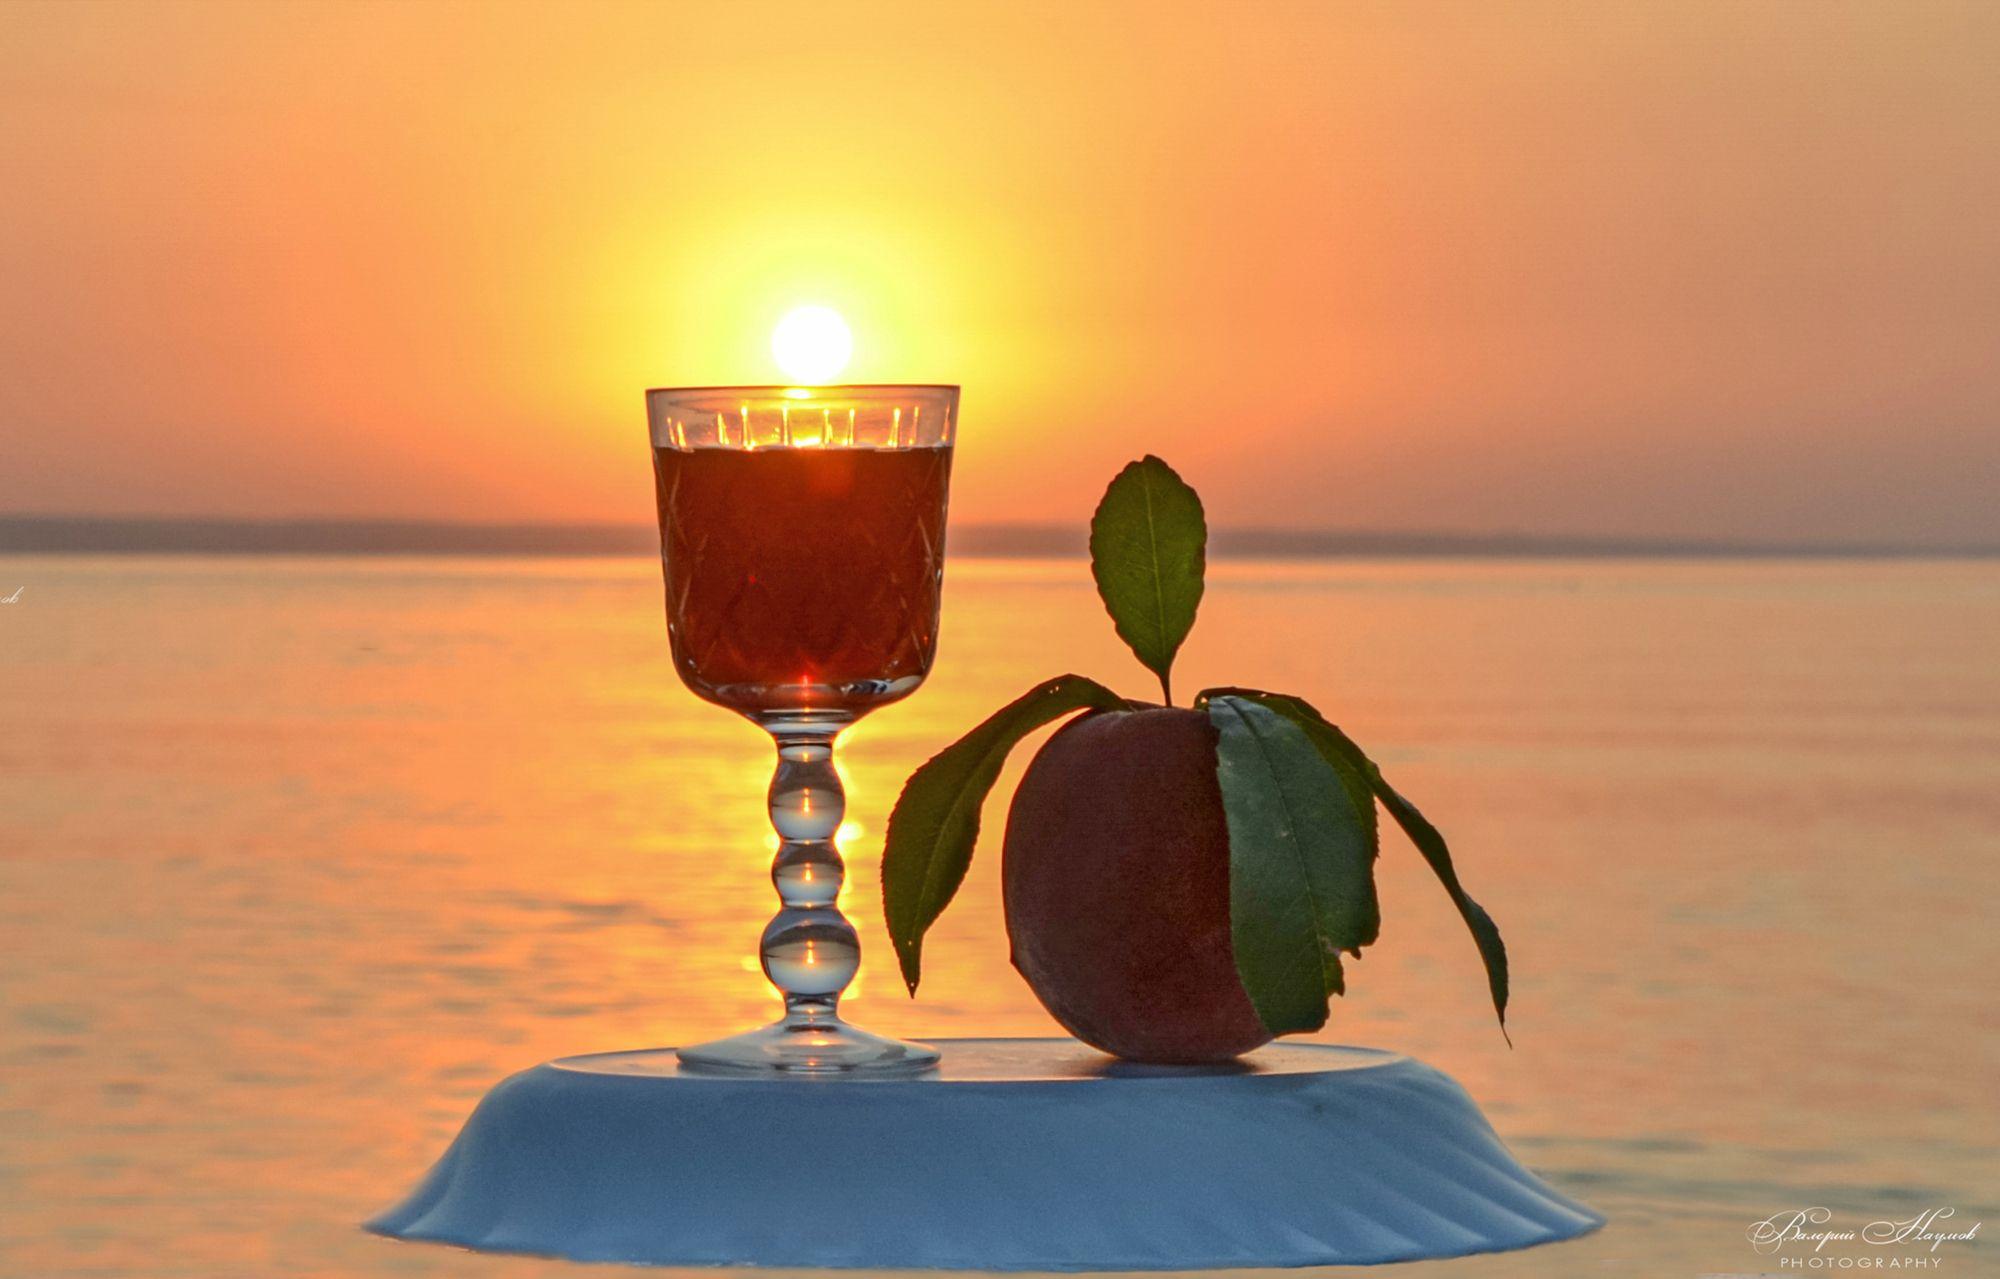 утро, рассвет, восход, река, вода, бокал, персик, Валерий Наумов